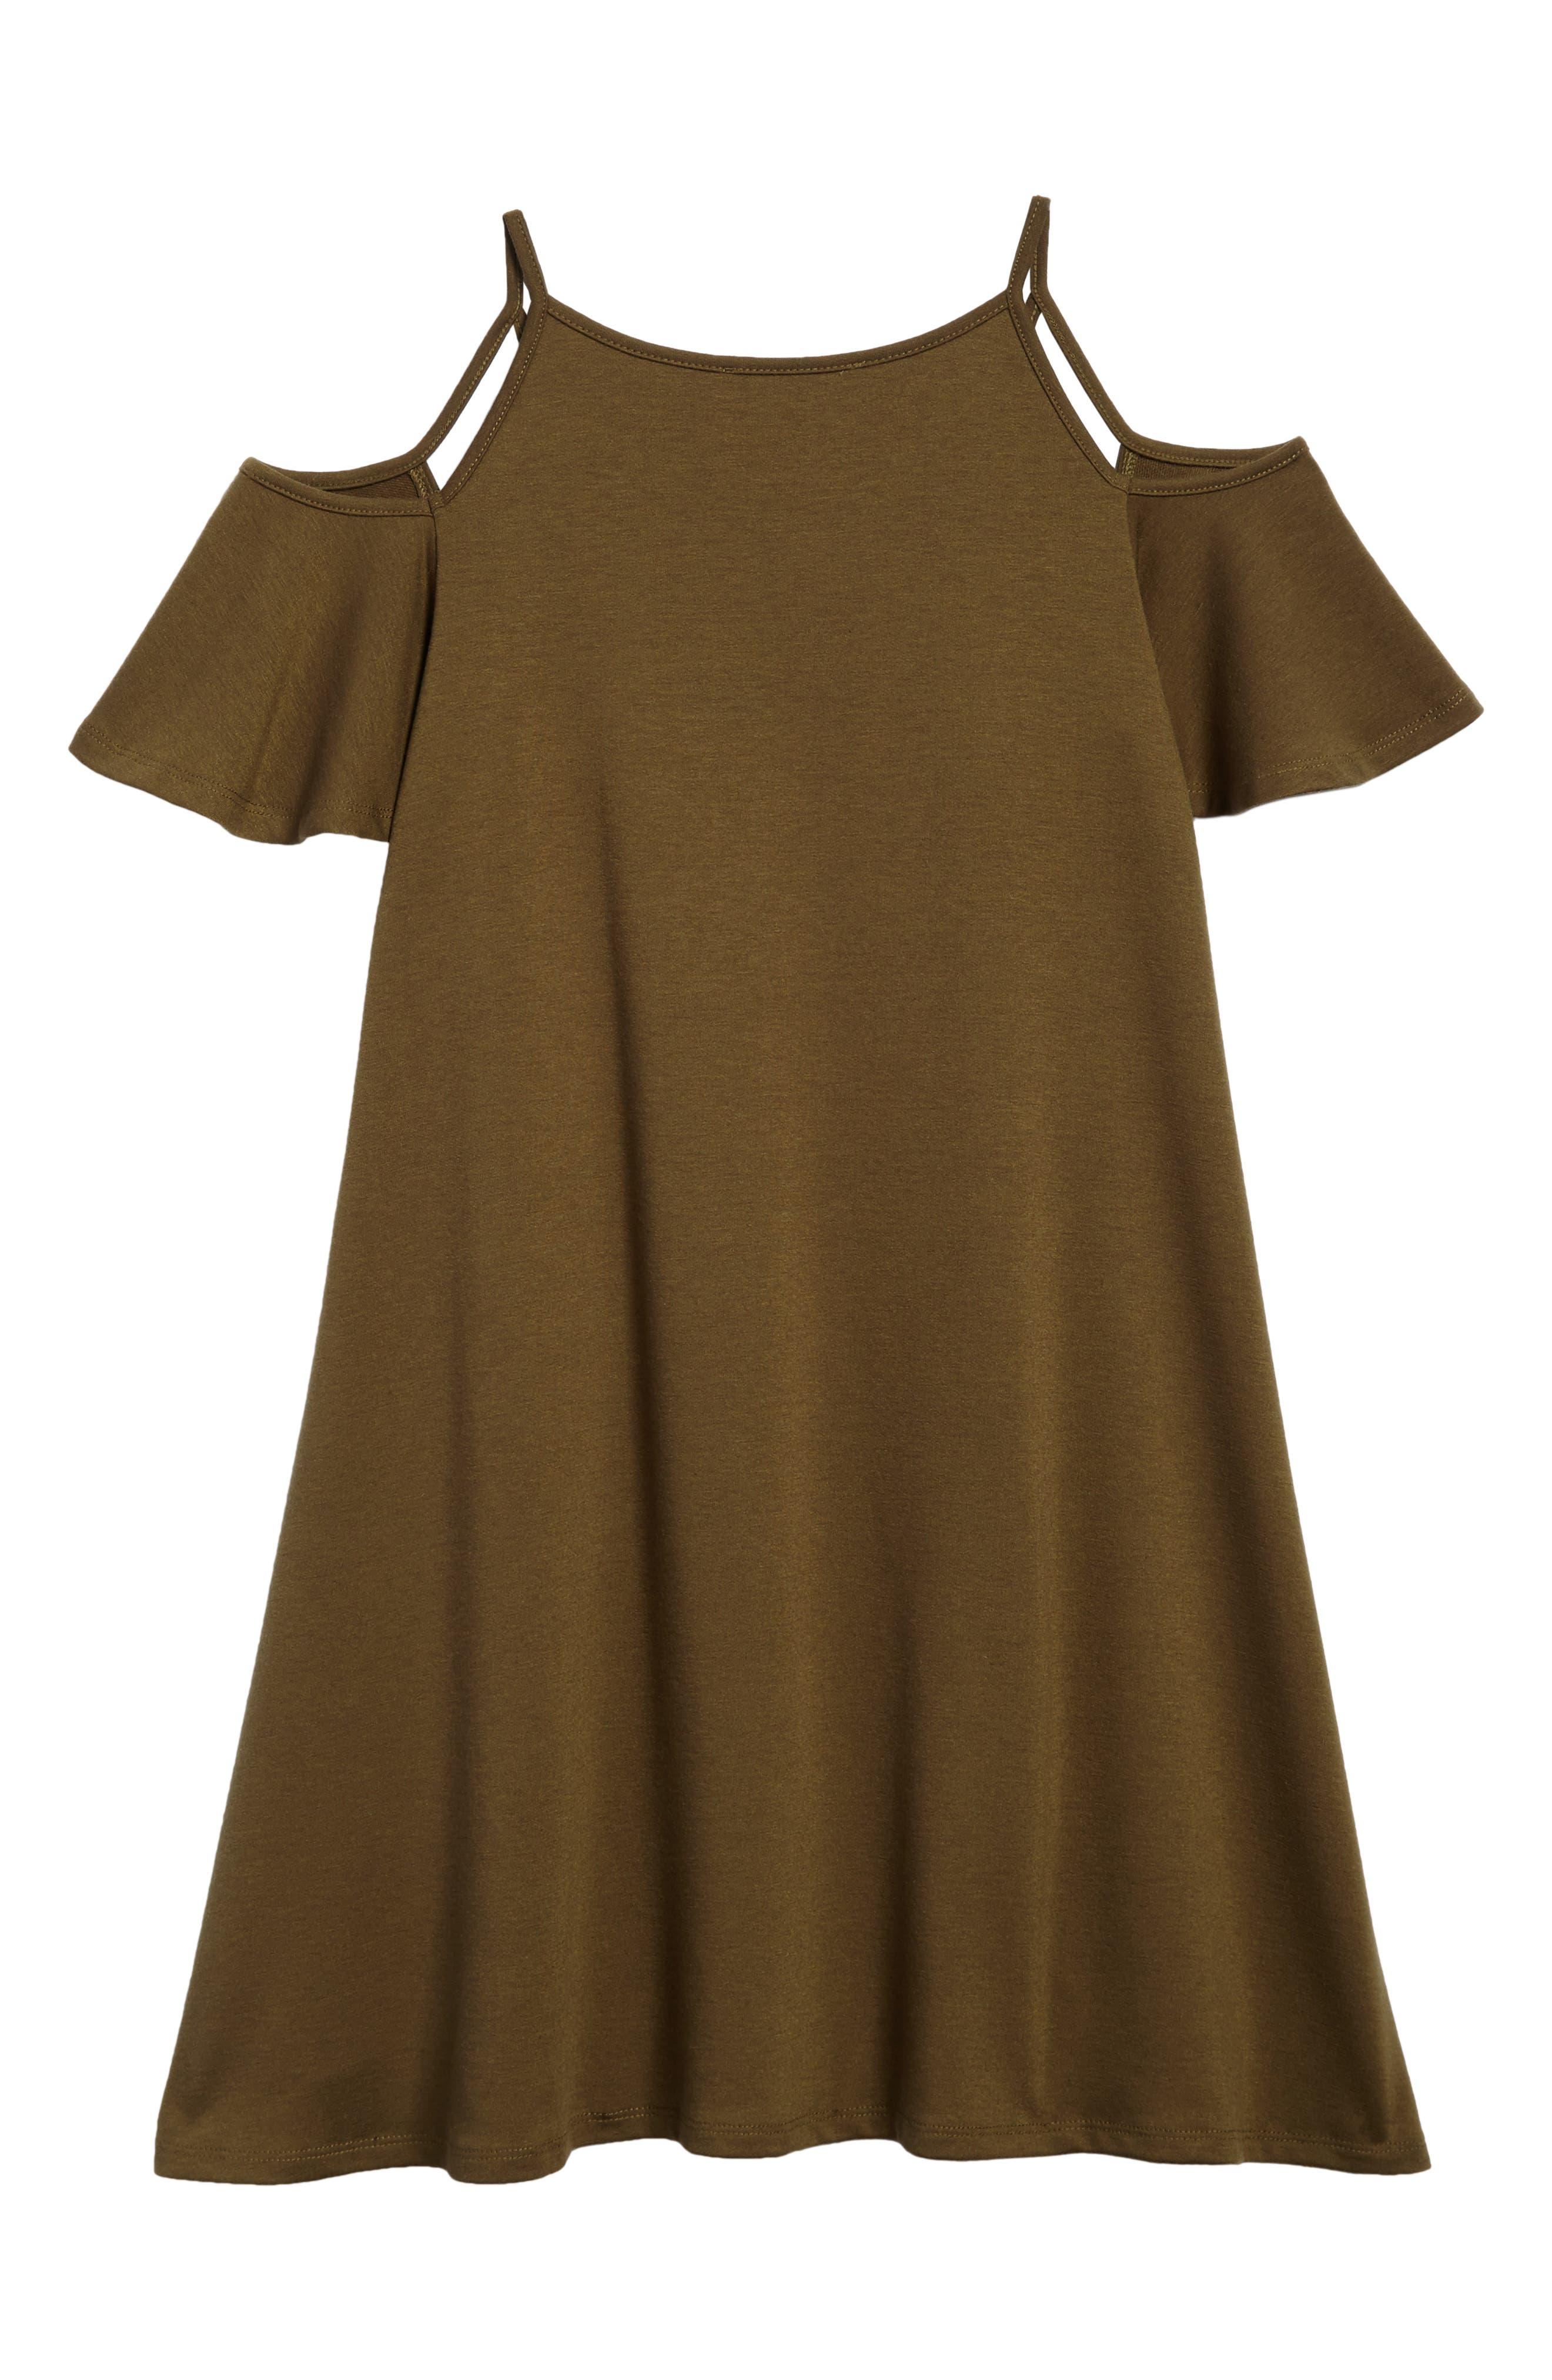 Alternate Image 2  - Miss Behave Cold Shoulder Dress (Big Girls)